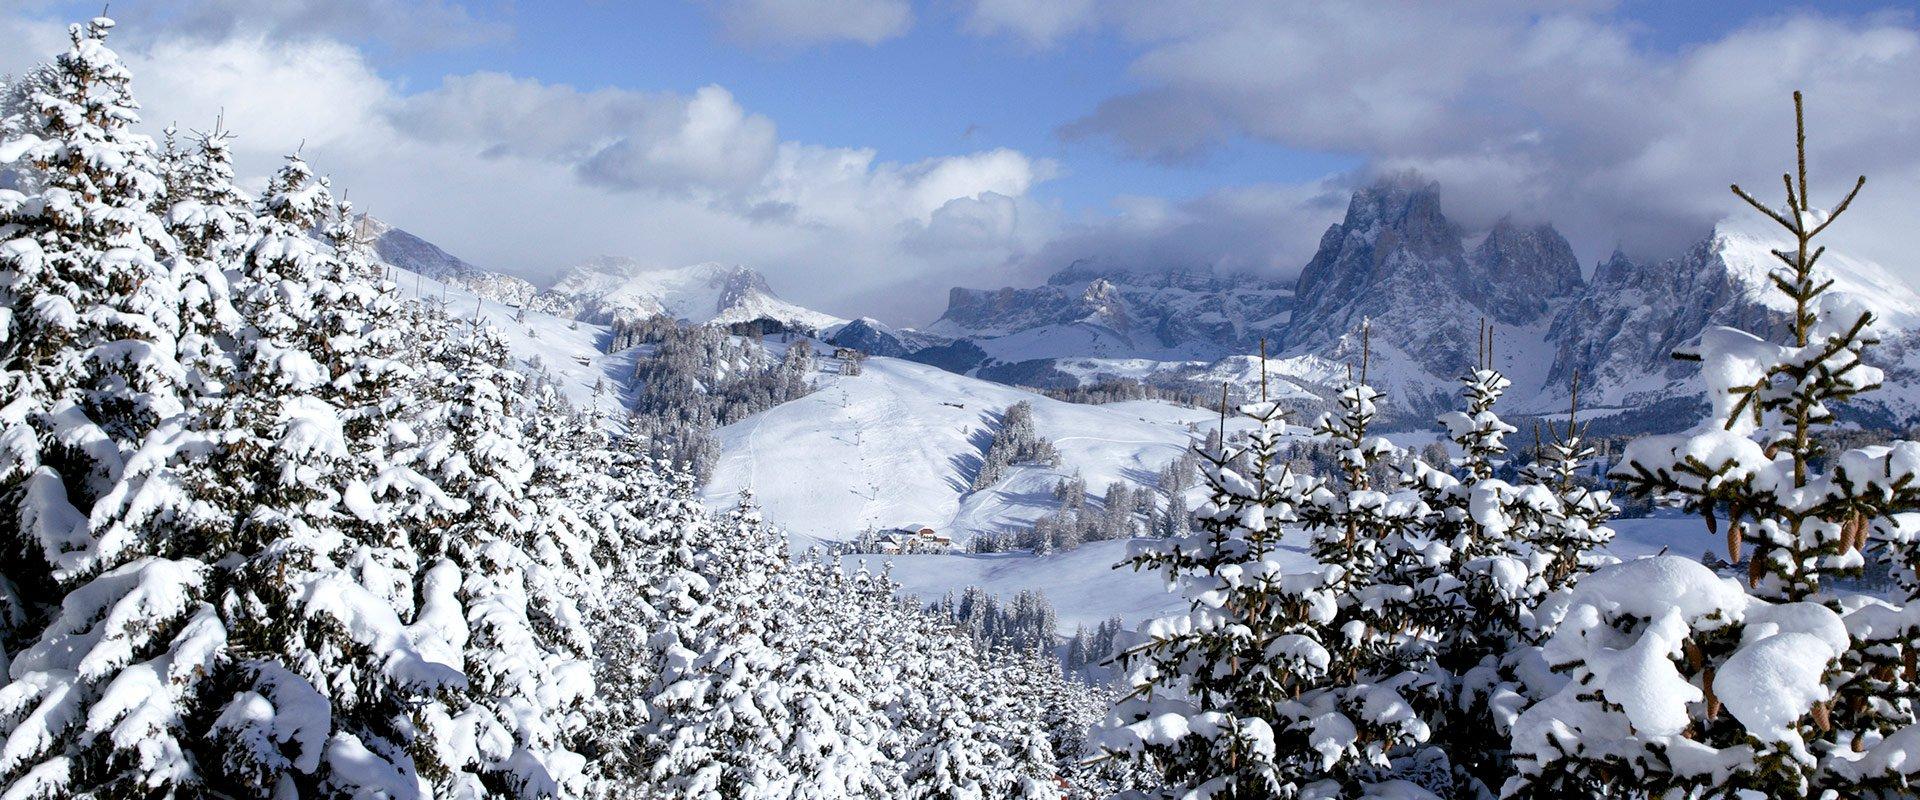 winterurlaub-kastelruth-2